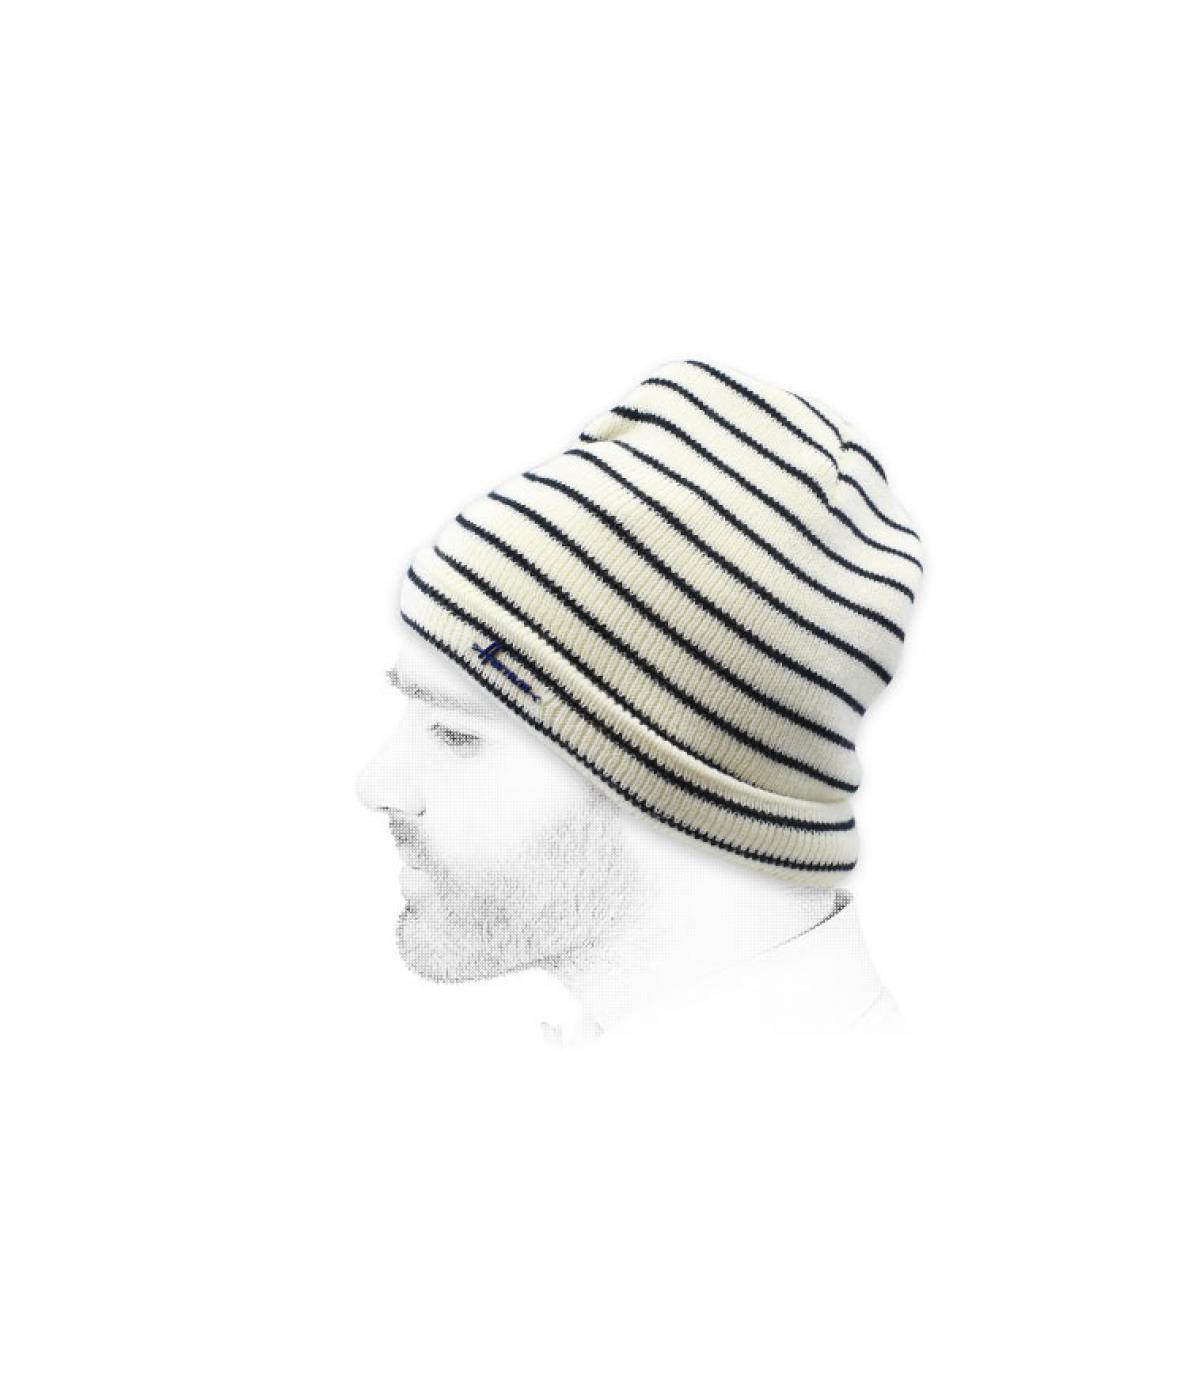 cappello a strisce bianco nero